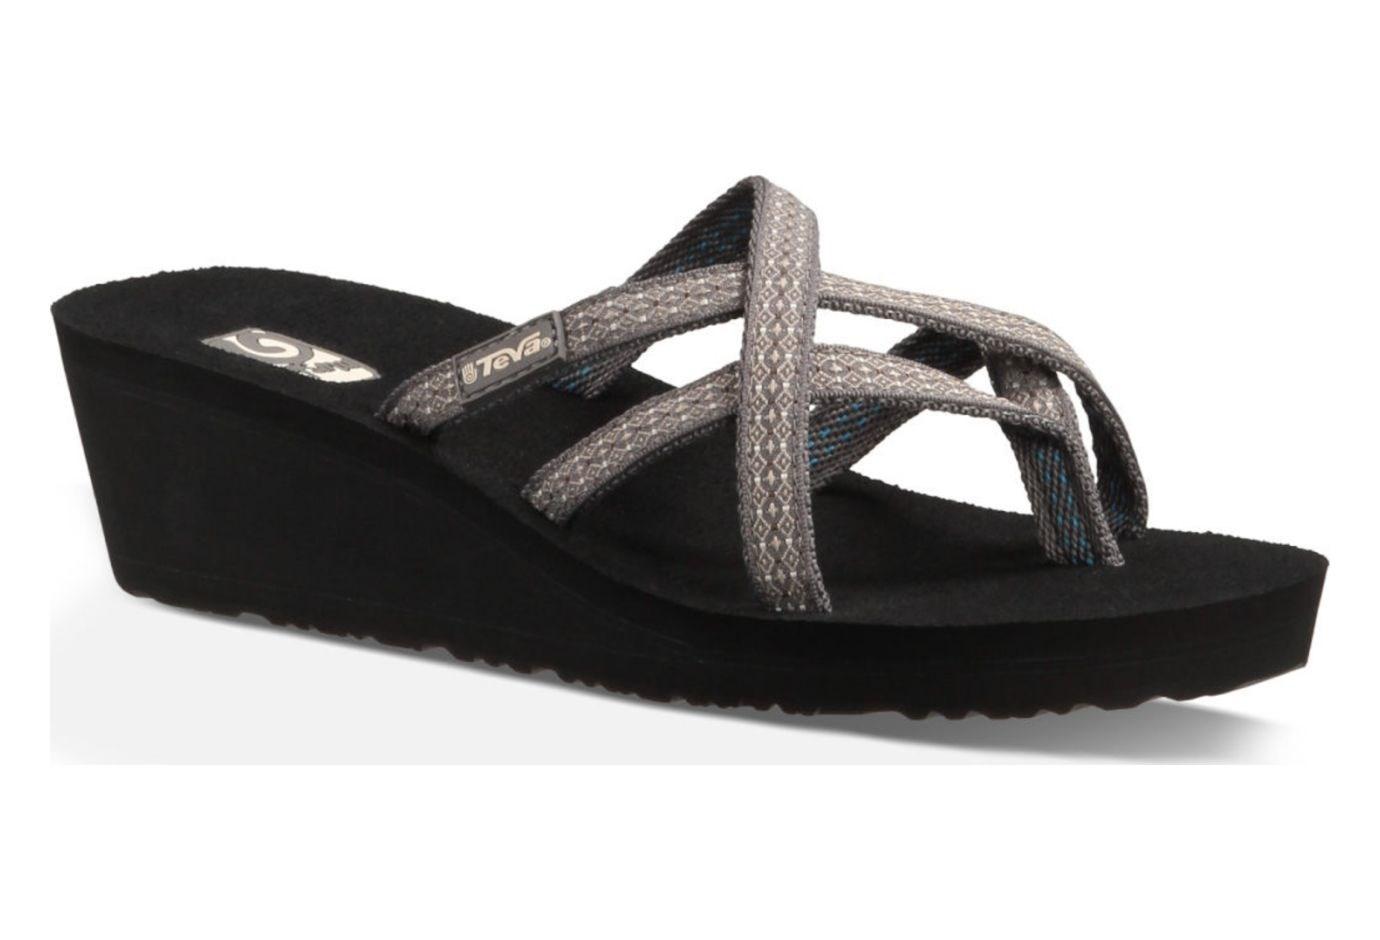 c9d0ca81defe Teva Mush® Mandalyn Wedge Ola 2 Sandals (For Women) - Save 50%